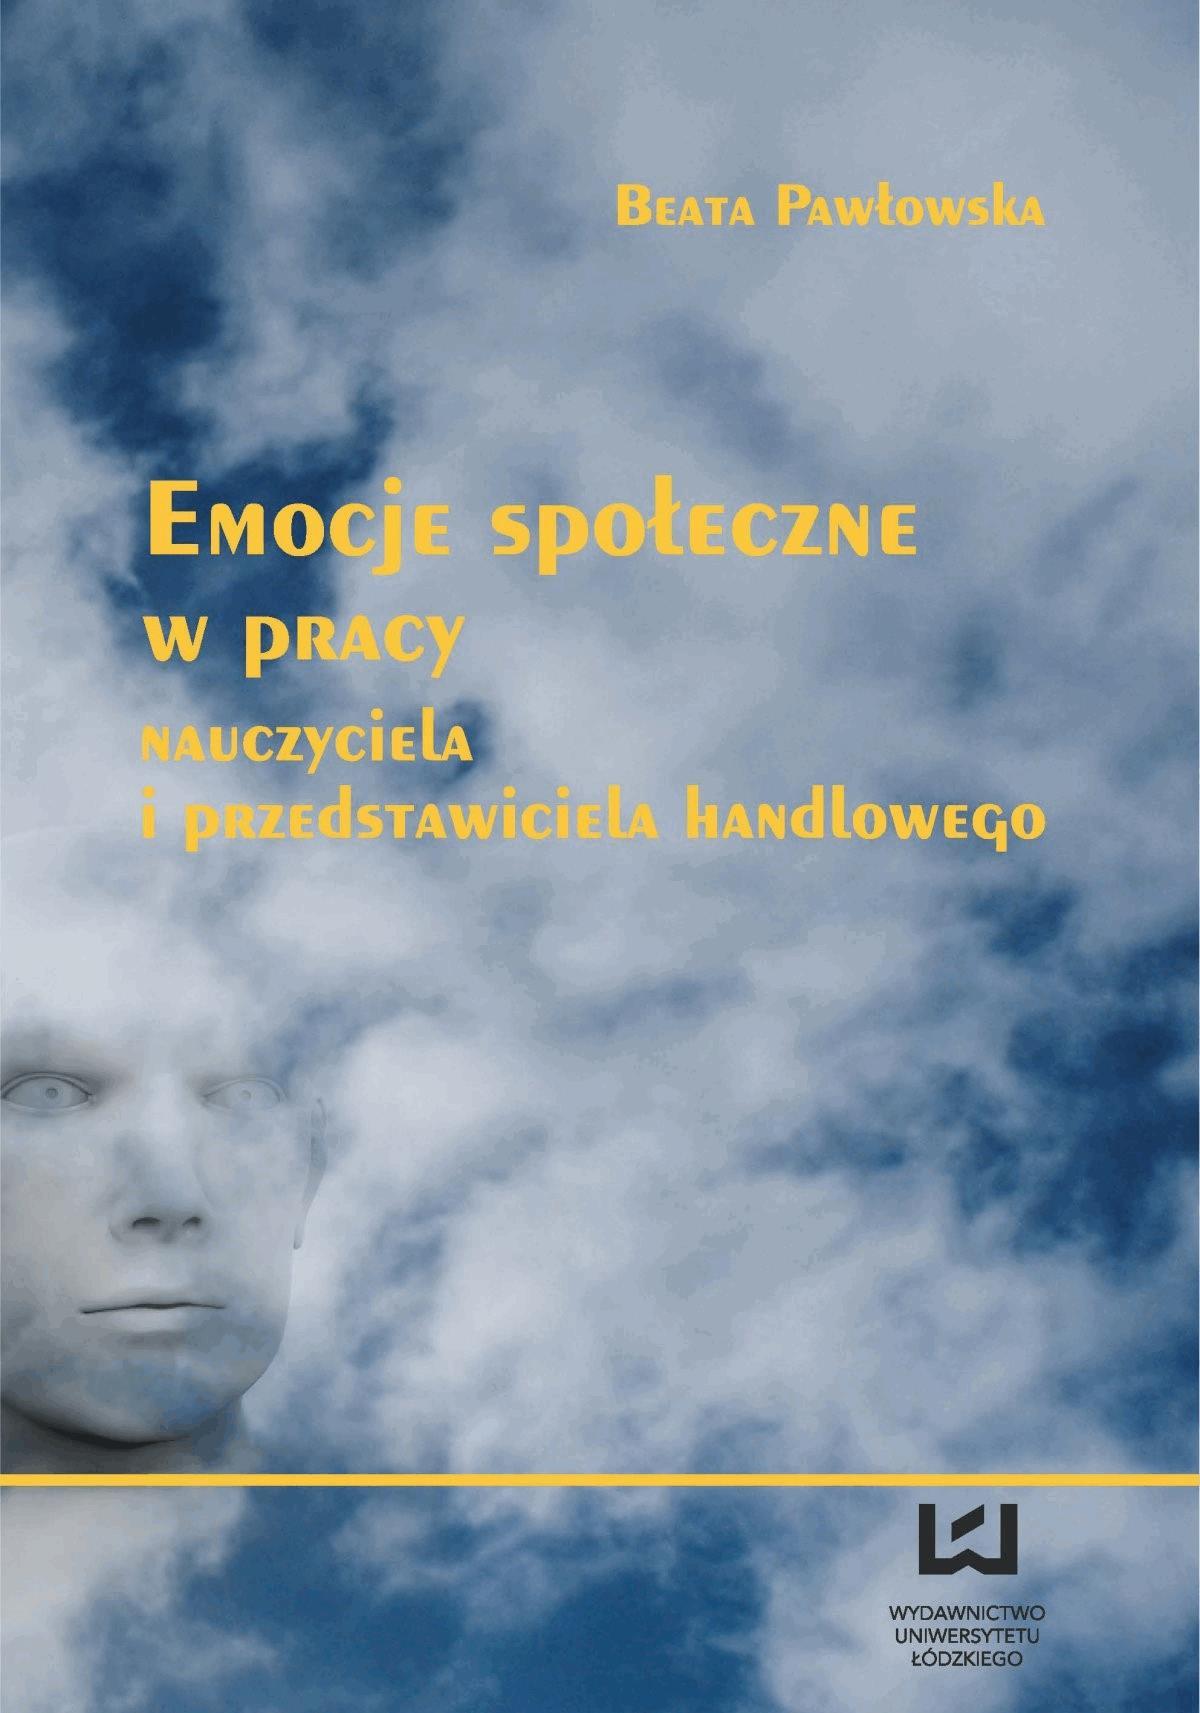 Emocje społeczne w pracy nauczyciela i przedstawiciela handlowego - Beata Pawłowska